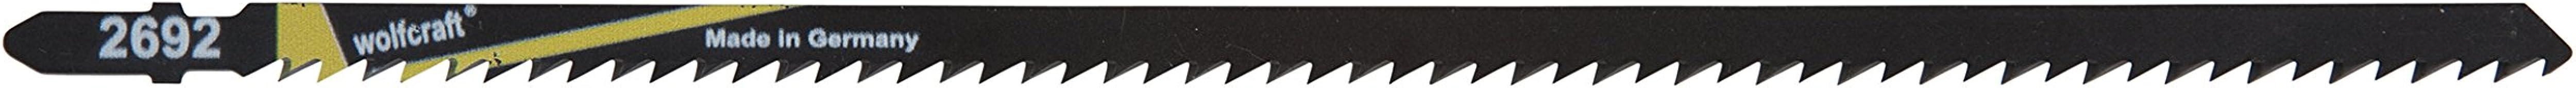 Wolfcraft 2692000 brzeszczot do wyrzynarki z trzonkiem T, CV, do drewna i tworzywa sztucznego, precyzyjne cięcie